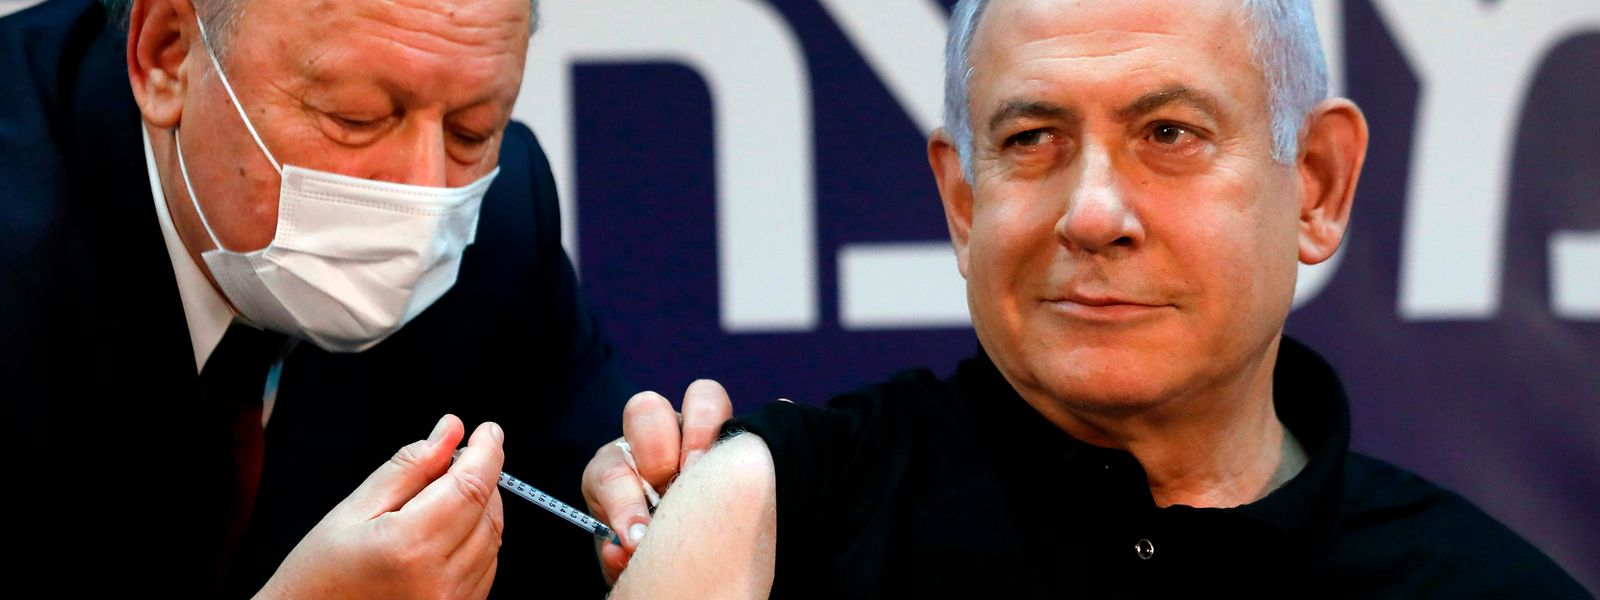 Der israelische Premier und politische Überlebenskünstler Benjamin Netanjahu nutzt die Corona-Impfkampagne zur Eigenprofilierung.